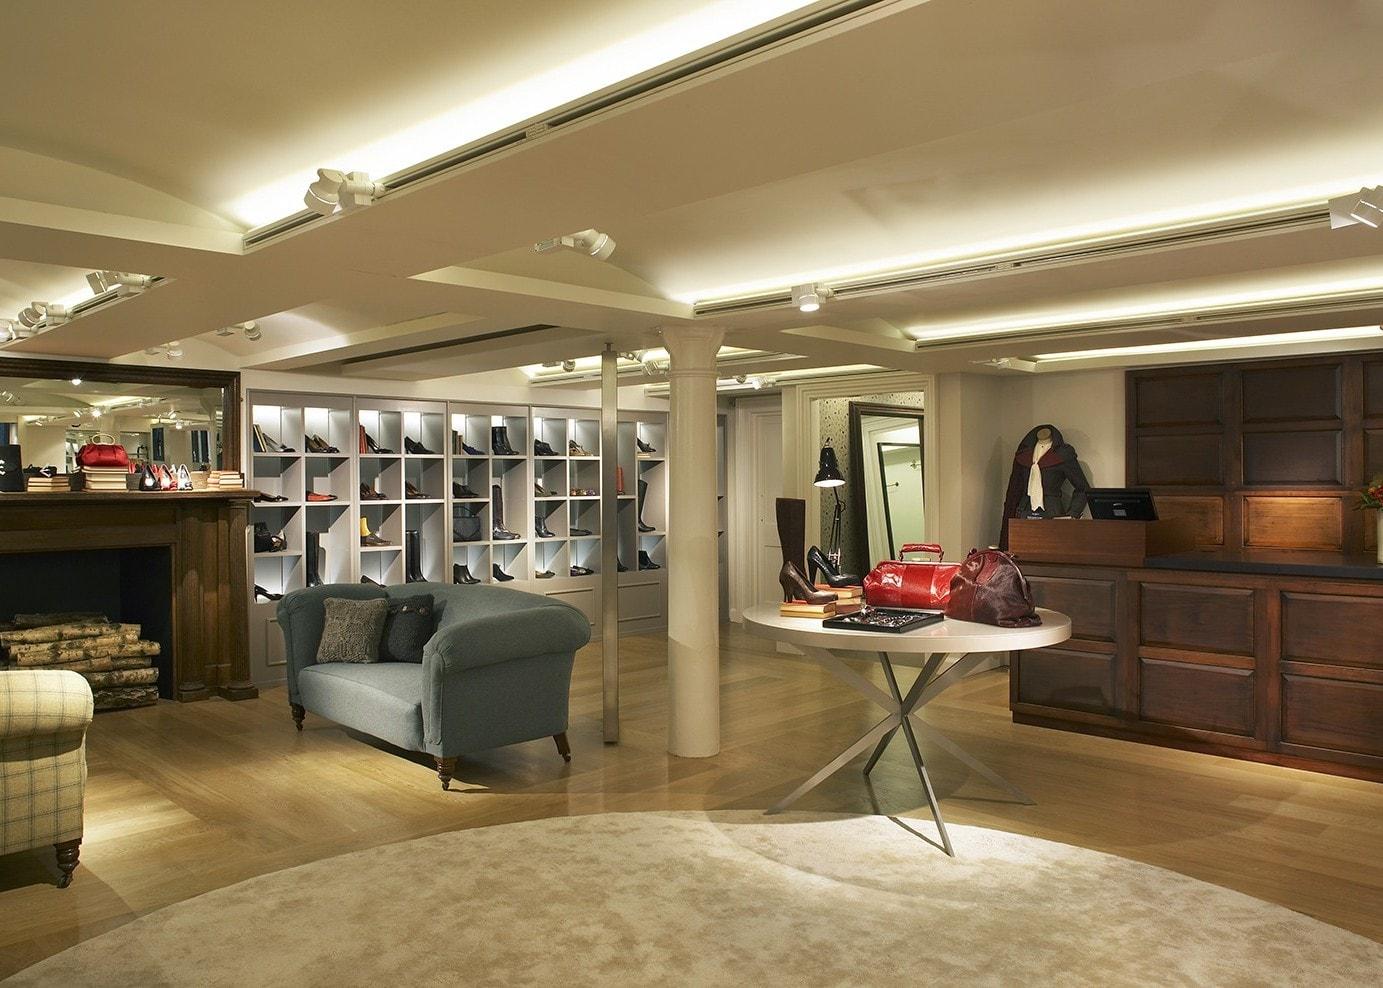 retail lighting design: Hobbs Covent Garden footwear department